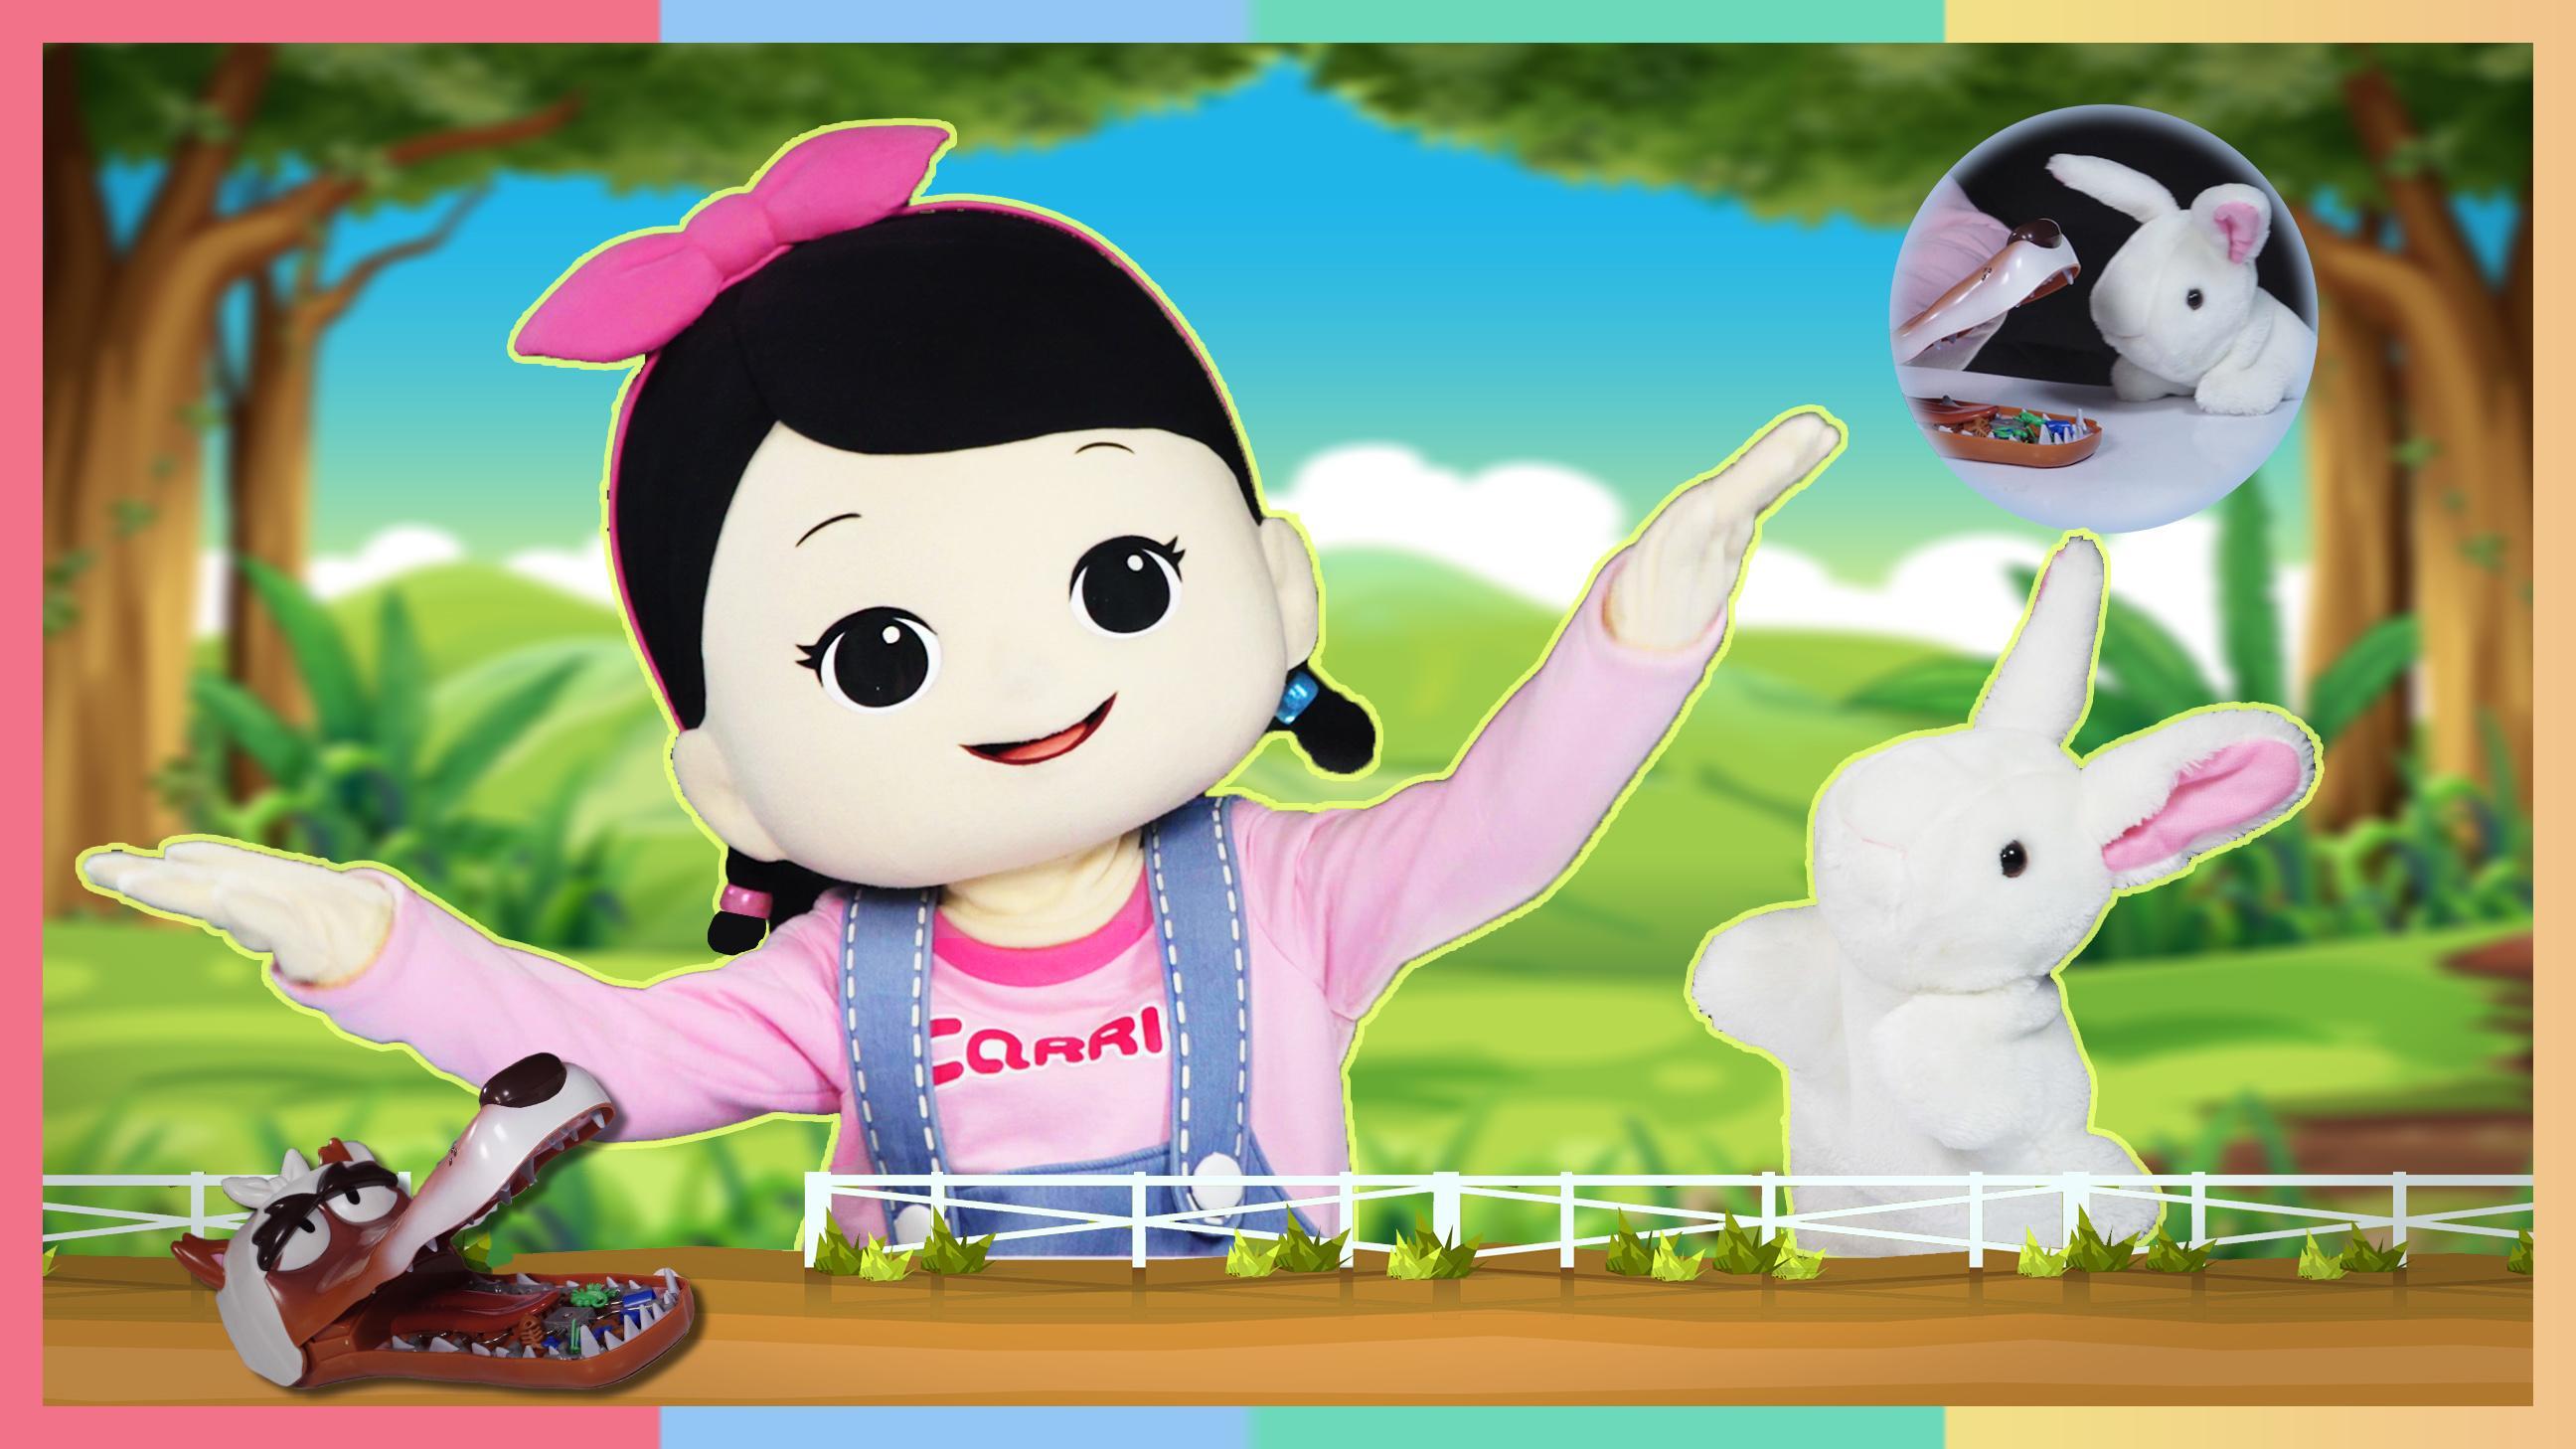 热心帮助狼外婆的小凯利和小白兔   凯利和玩具朋友们 CarrieAndToys